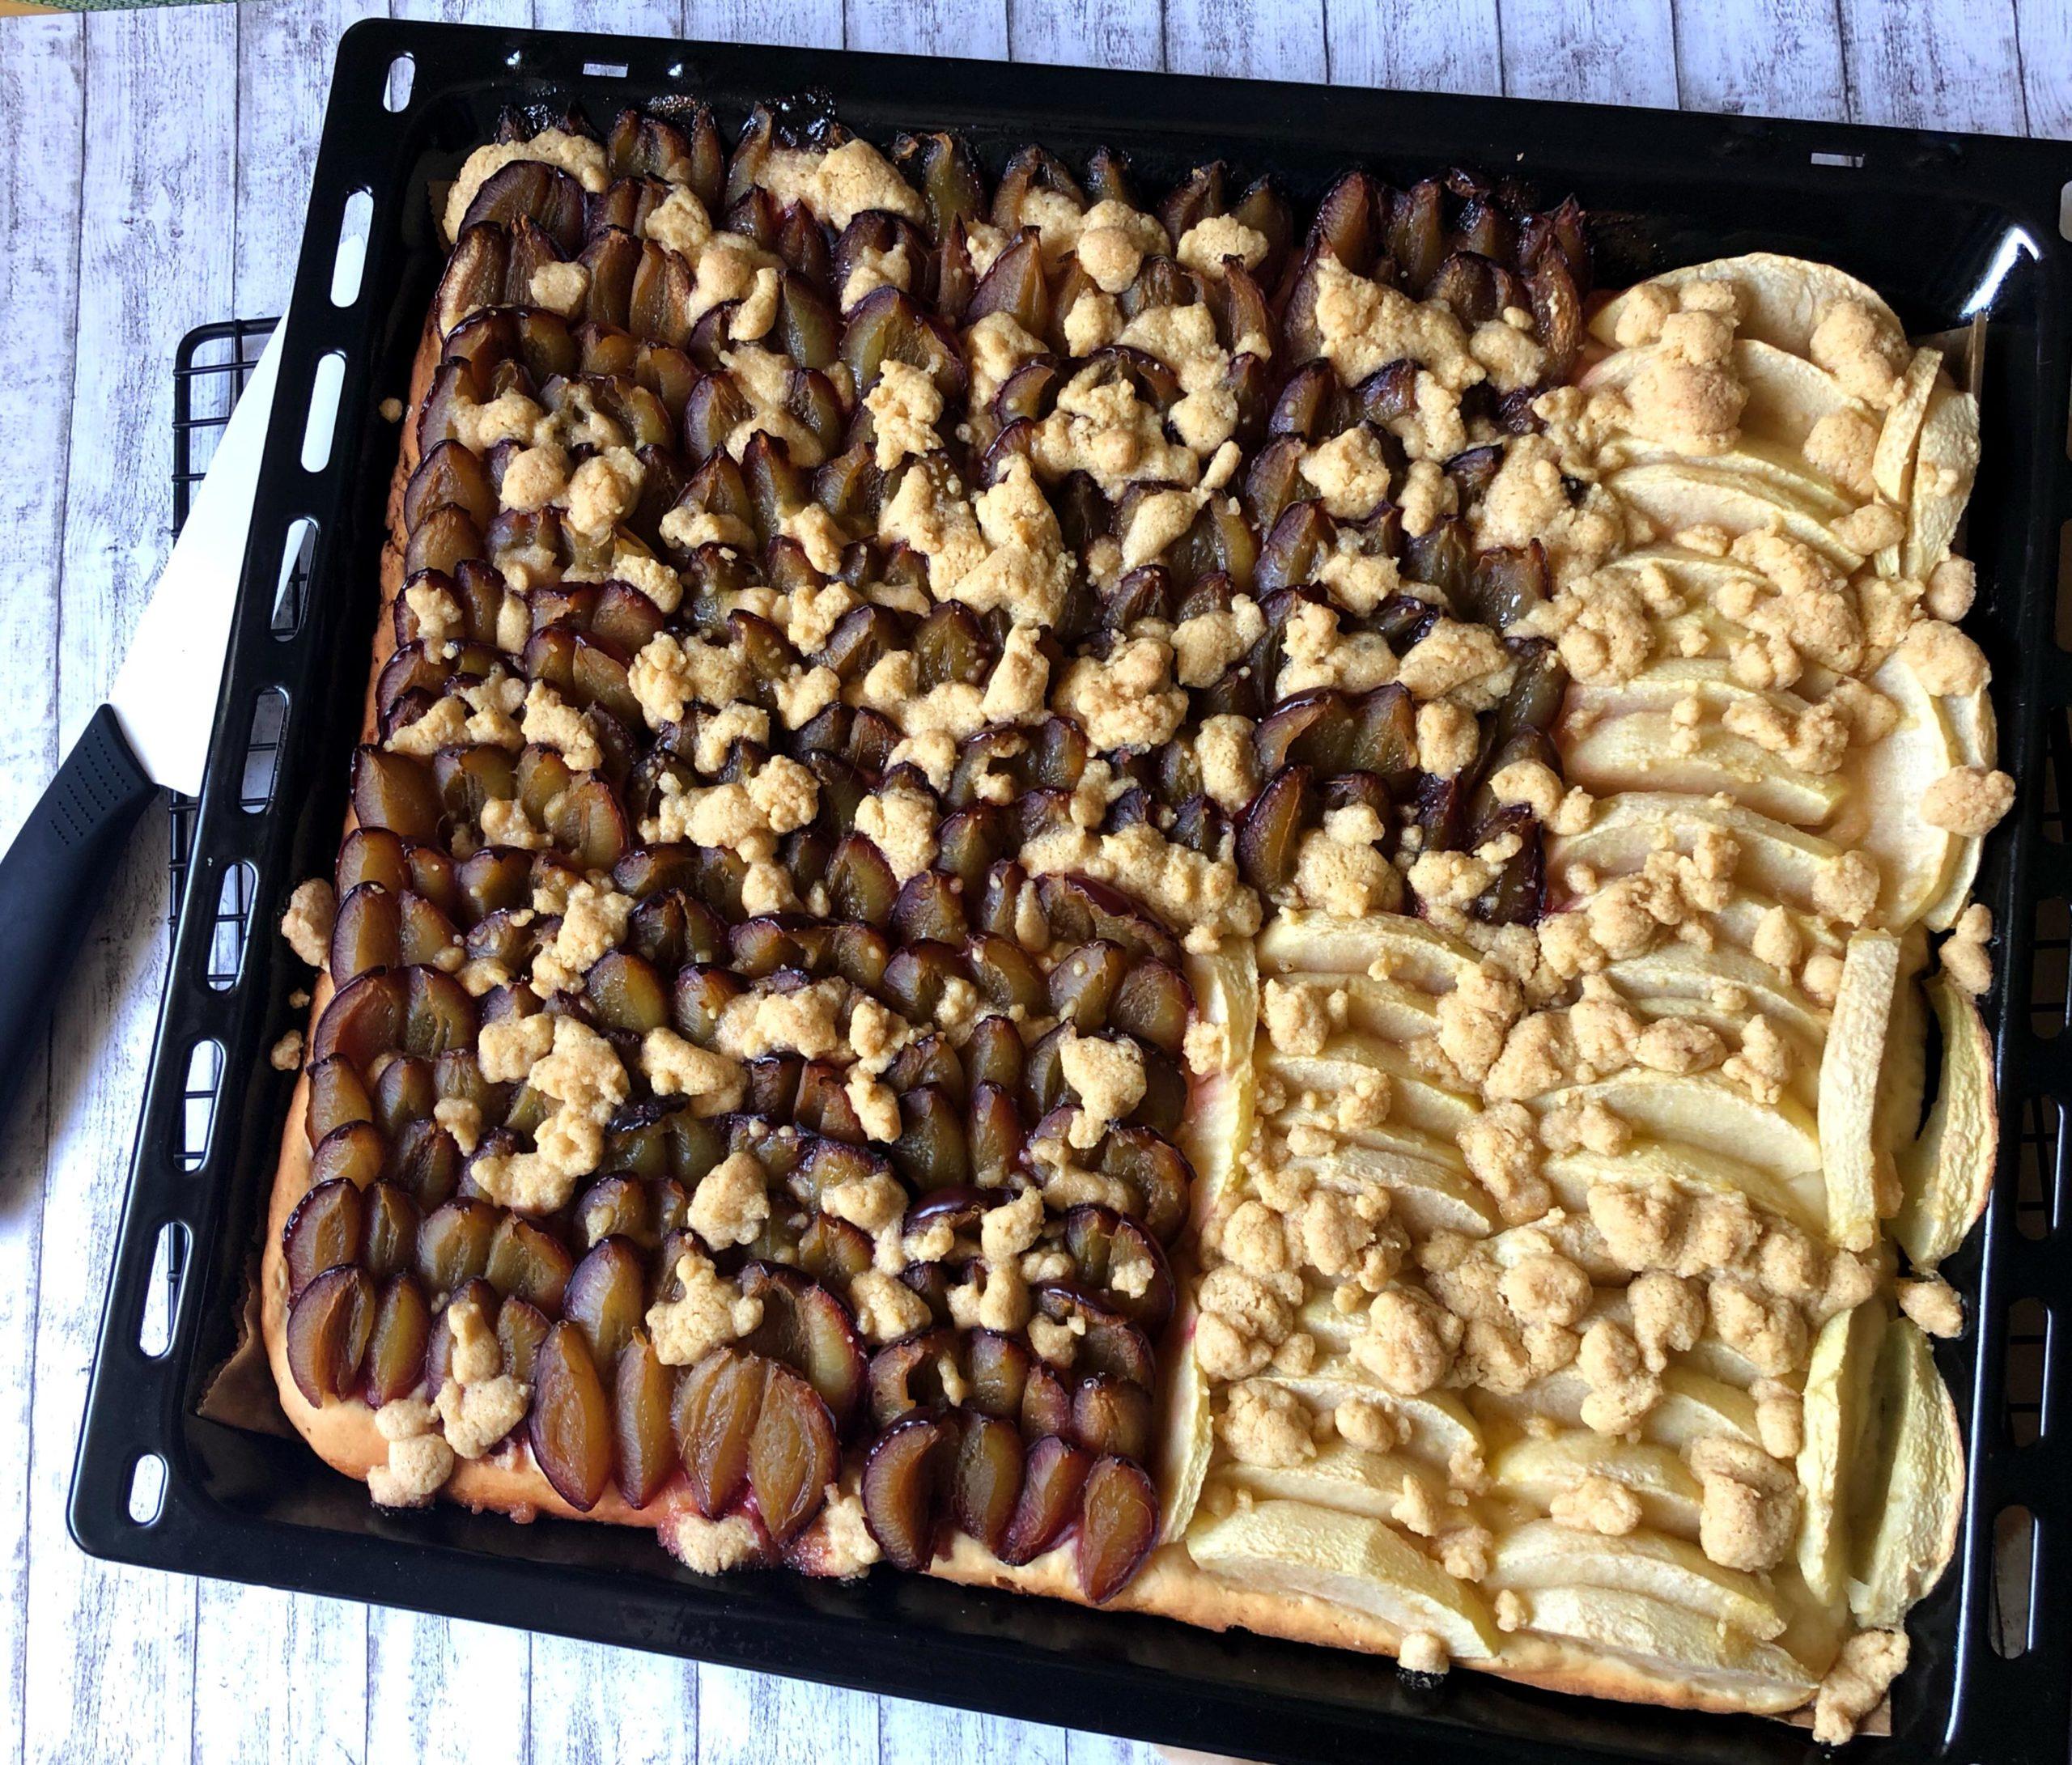 glutenfreier Apfel-Quetschekuchen mit Zimtstreuseln vom Blech